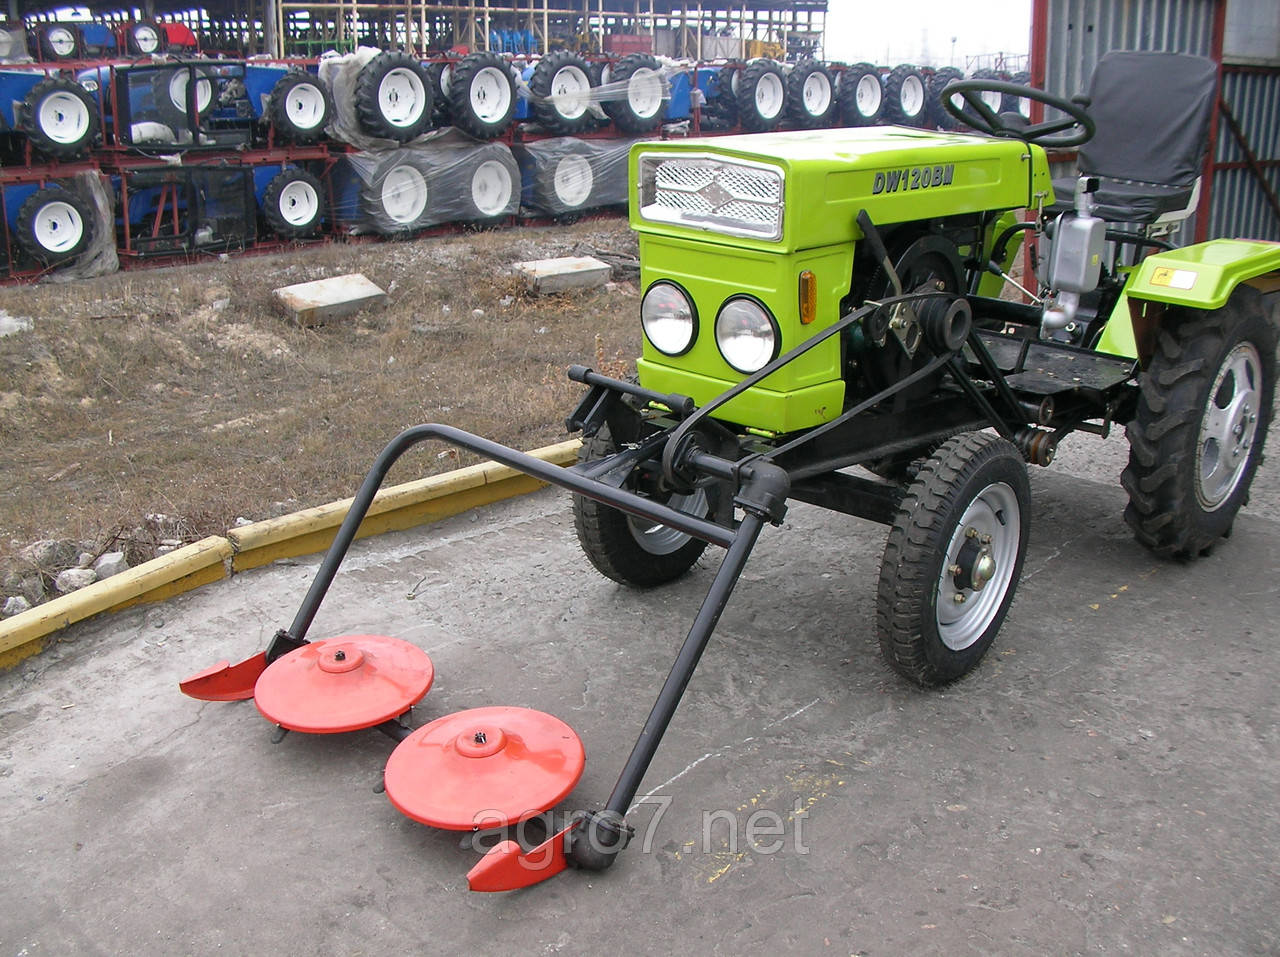 Сельхоз оборудование | Товары для дачи, сада и дома.